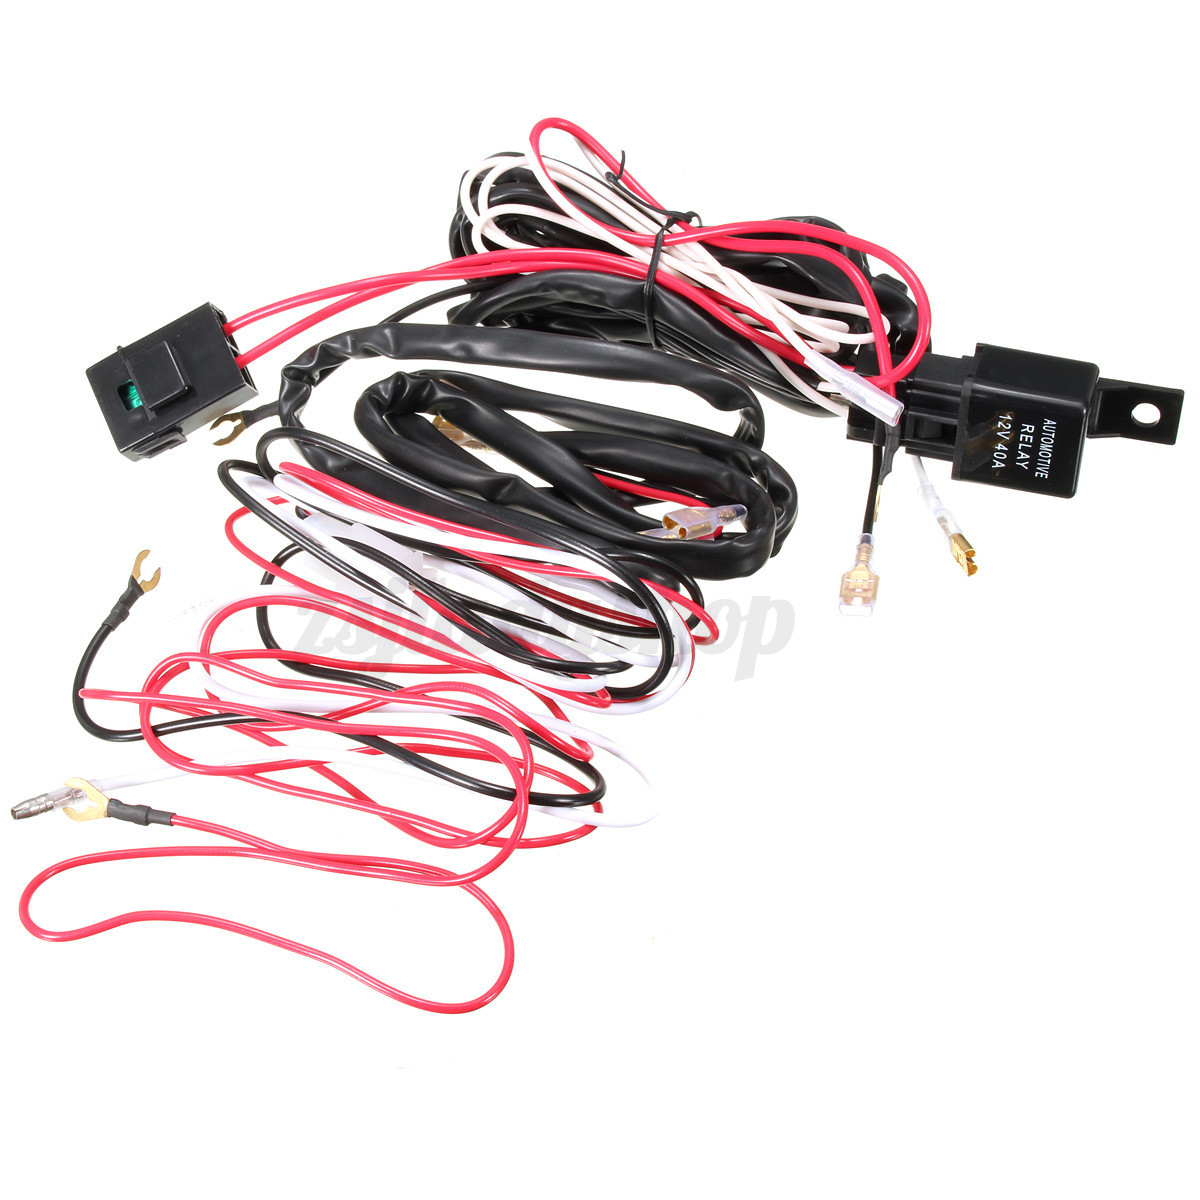 hight resolution of wiring diagram for baja 250cc atvs only 0 01 roketa parts roketa awesome bmx atv wiring diagram photos diagram symbol pasutri us on bmx mini atv wiring